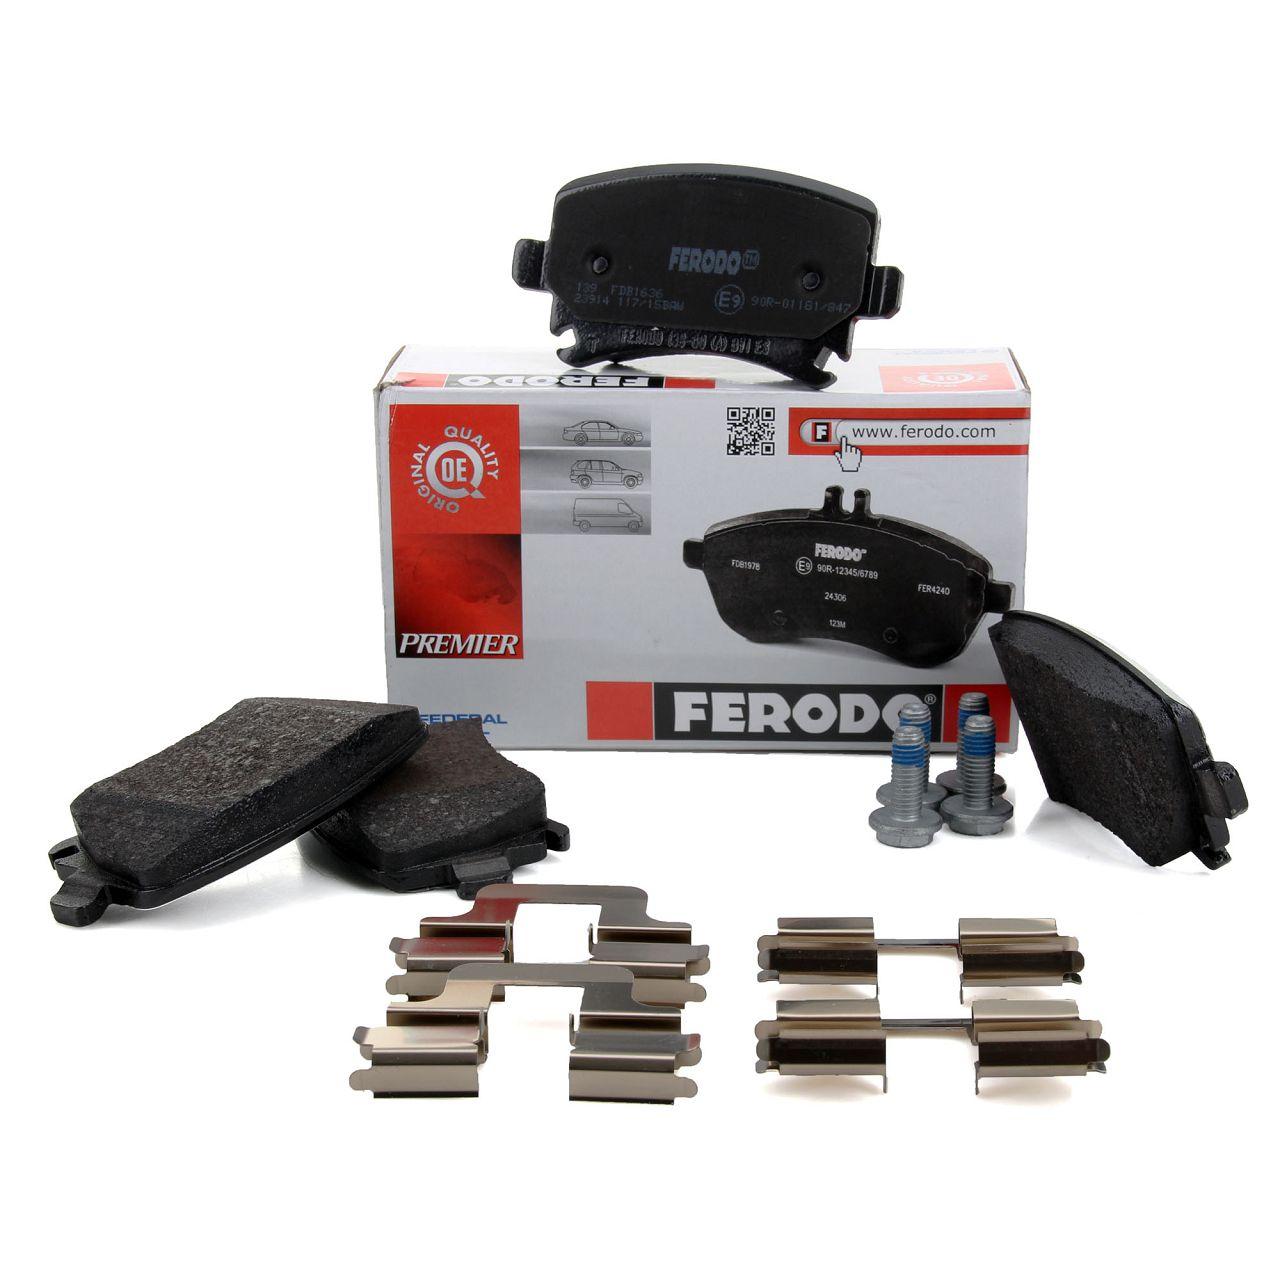 FERODO FDB1636 Bremsbeläge VW Golf 5 6 Passat Touran AUDI A3 A4 A6 hinten 1K0698451P